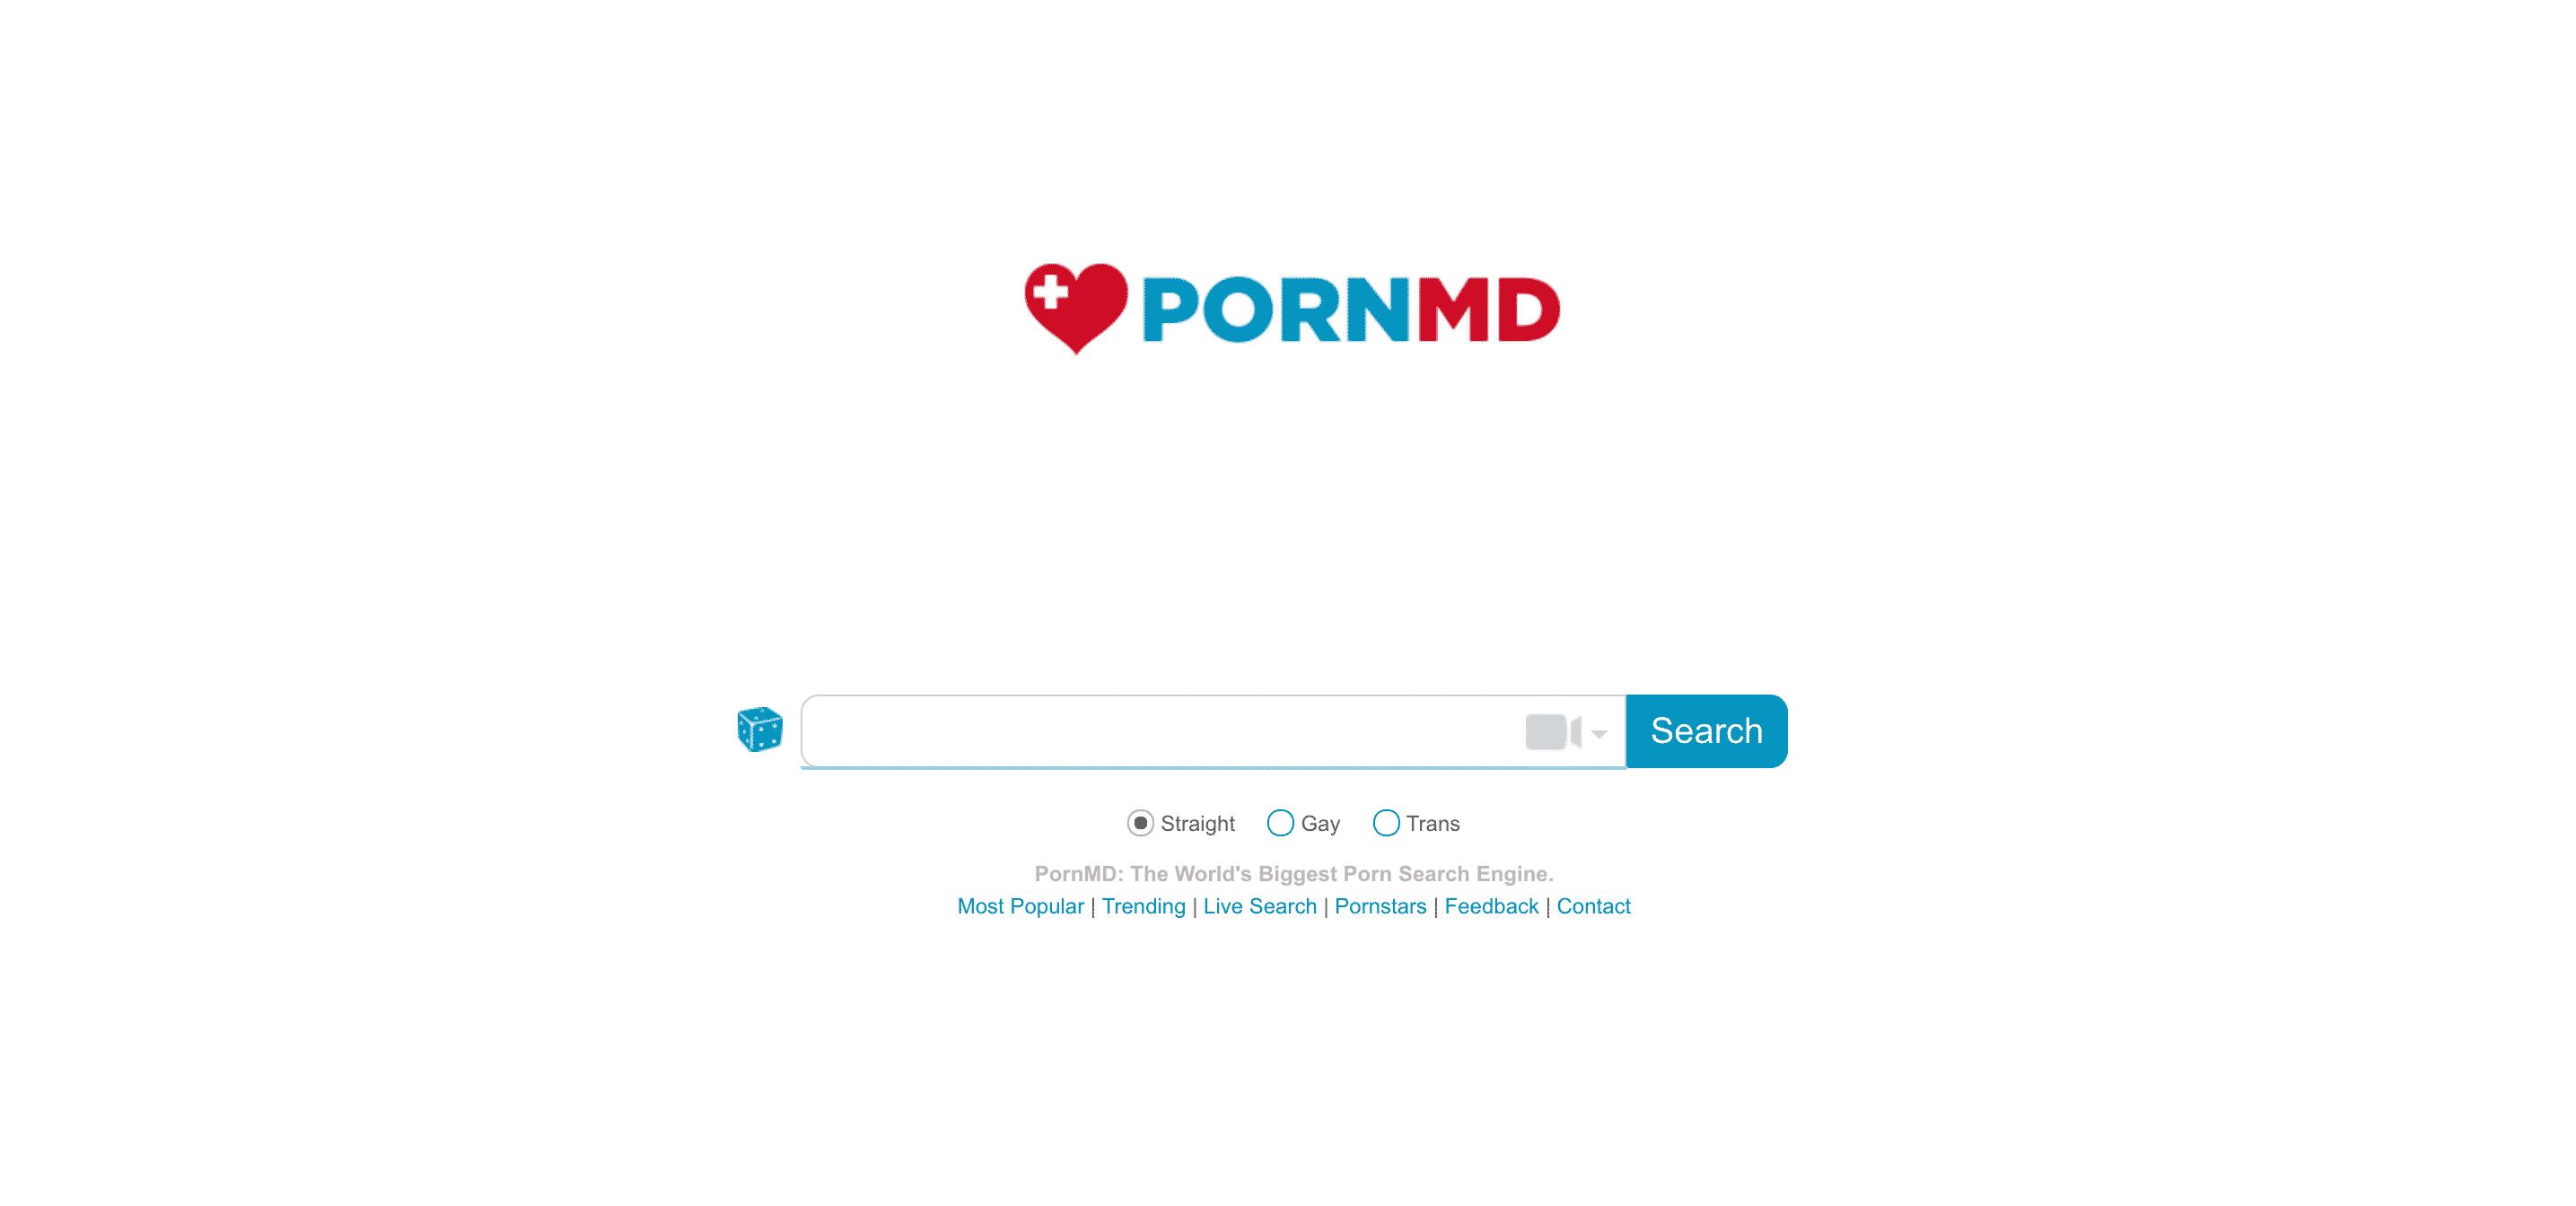 PornMD.com ist eine kostenlose Porno-Suchmaschine mit angeschlossener Sextube